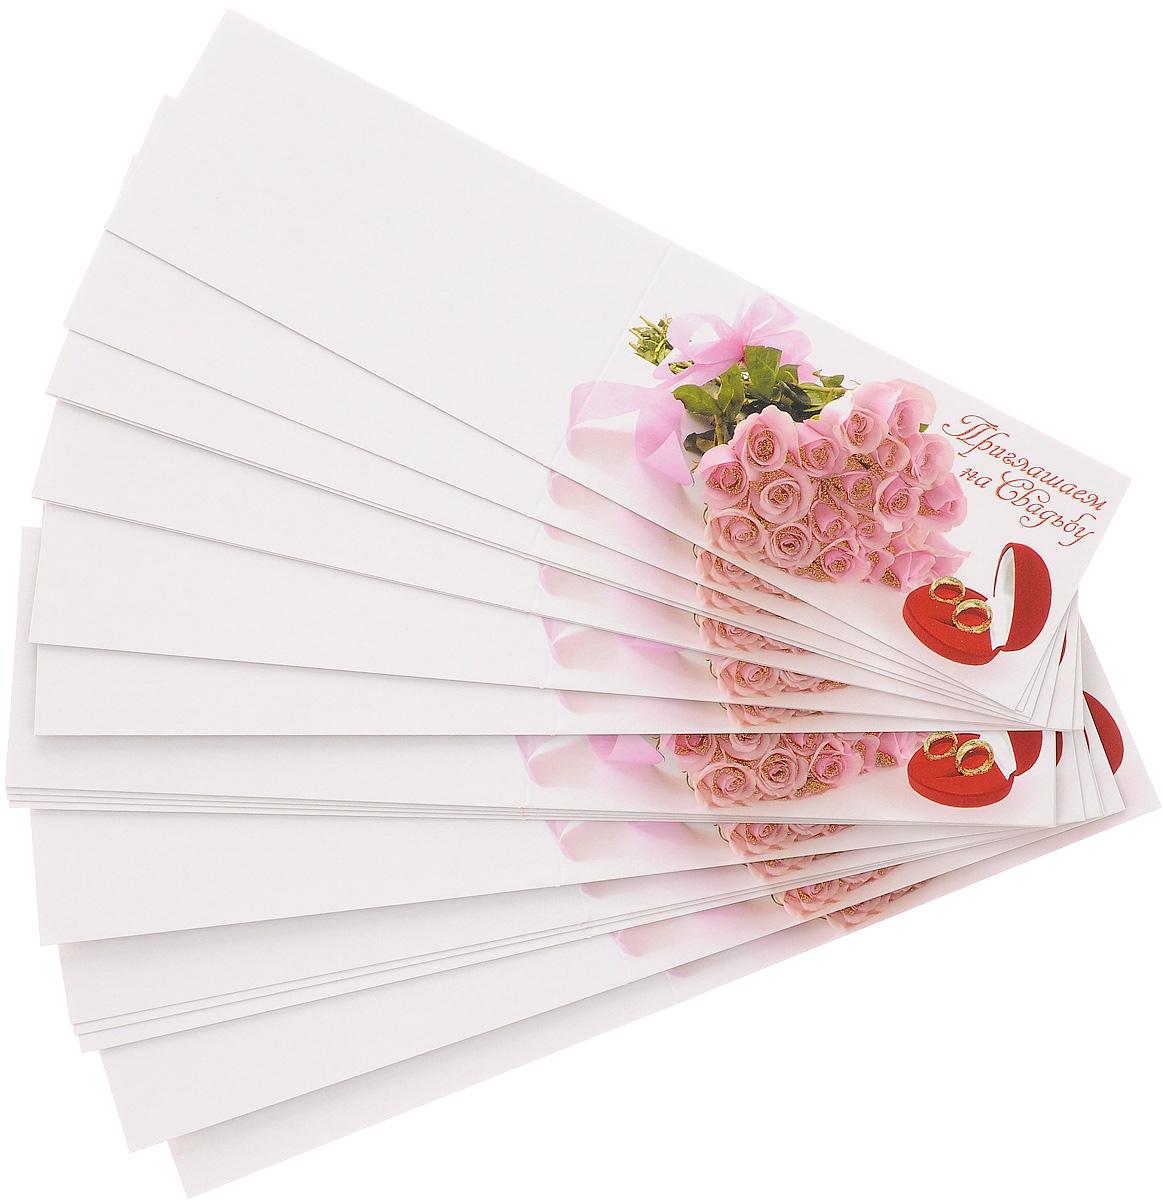 Набор приглашений на свадьбу Принт Торг Букет розовых роз, 20 шт18.021Набор Принт Торг Букет розовых роз состоит из 20 приглашений на свадьбу, выполненных из картона. На развороте изделия содержится текст, в который вы можете вписывать свои данные. С набором Принт Торг Букет розовых роз вы оригинально пригласите всех своих друзей и родственников на ваш праздник. Комплектация: 20 шт. Размер приглашения (в сложенном виде): 12,5 х 6,5 см.